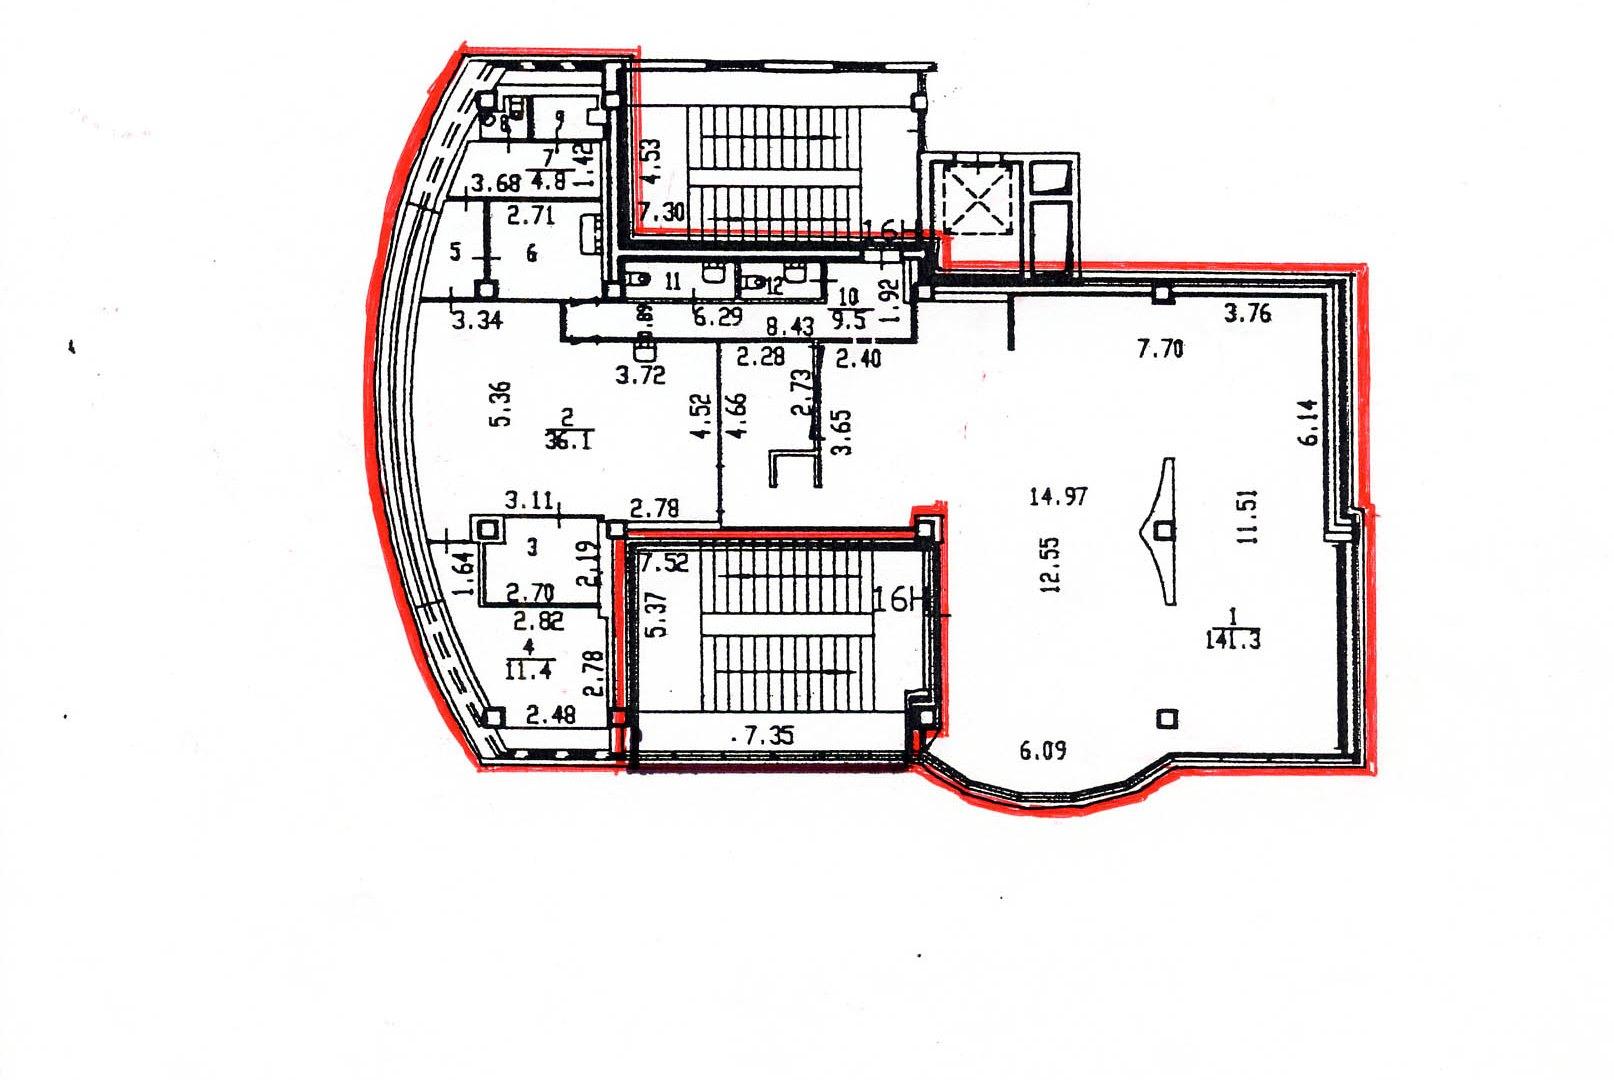 Сдается в аренду светлое ПСН 225,4м2 на 2/3эт в ТК «Балатон» у ст.м. Купчино, 5 мин. пеш.